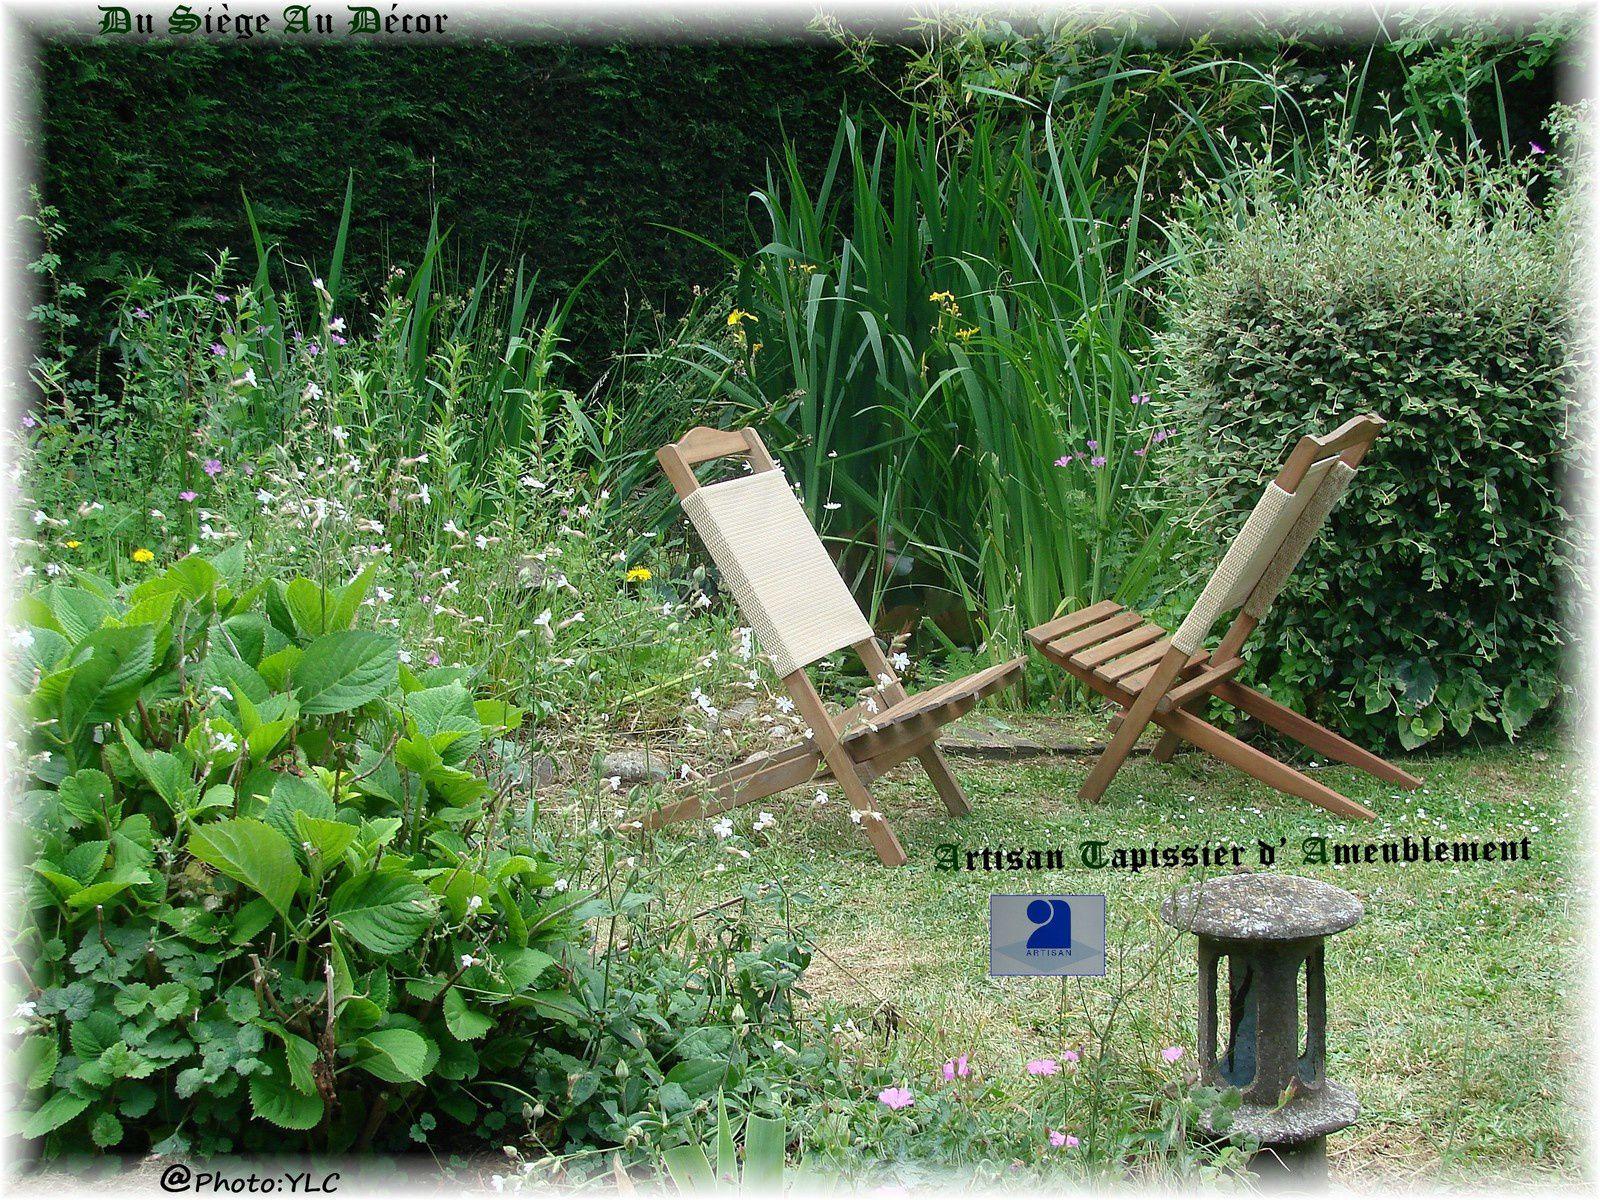 Outdoor au jardin, chaises au bassin&#x3B; Du Siège au Décor,Tapissier d'Ameublement